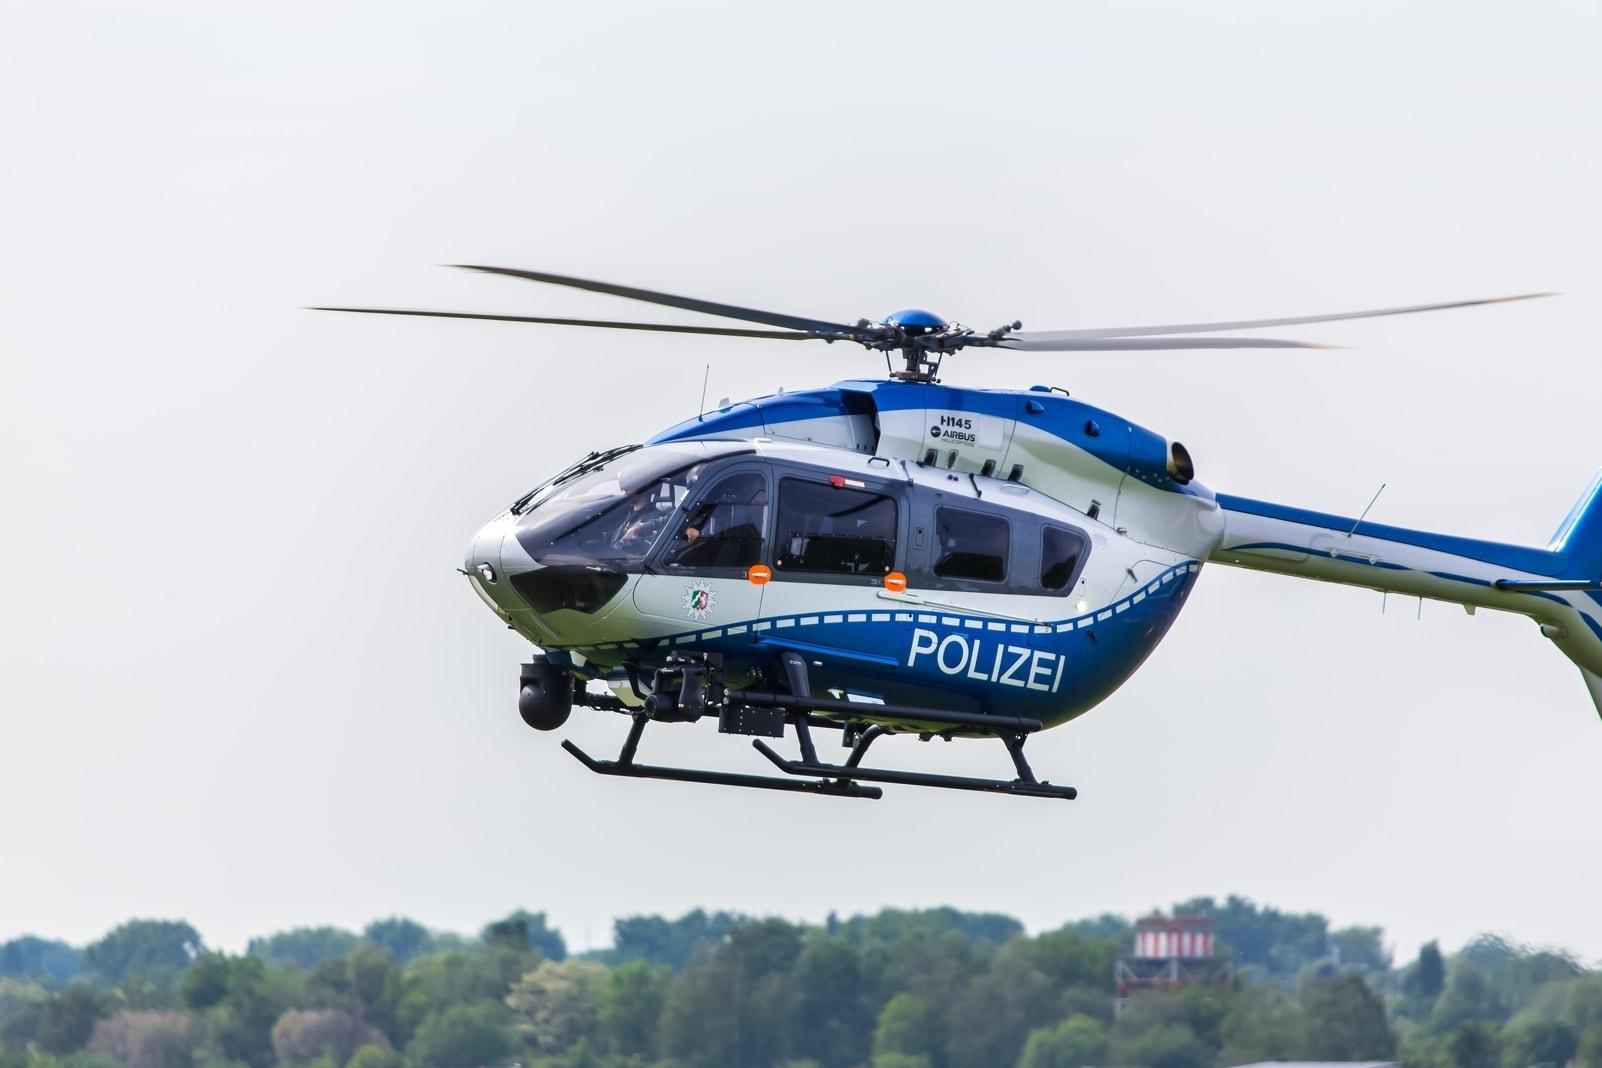 Polizeihubschrauber Hubschrauber